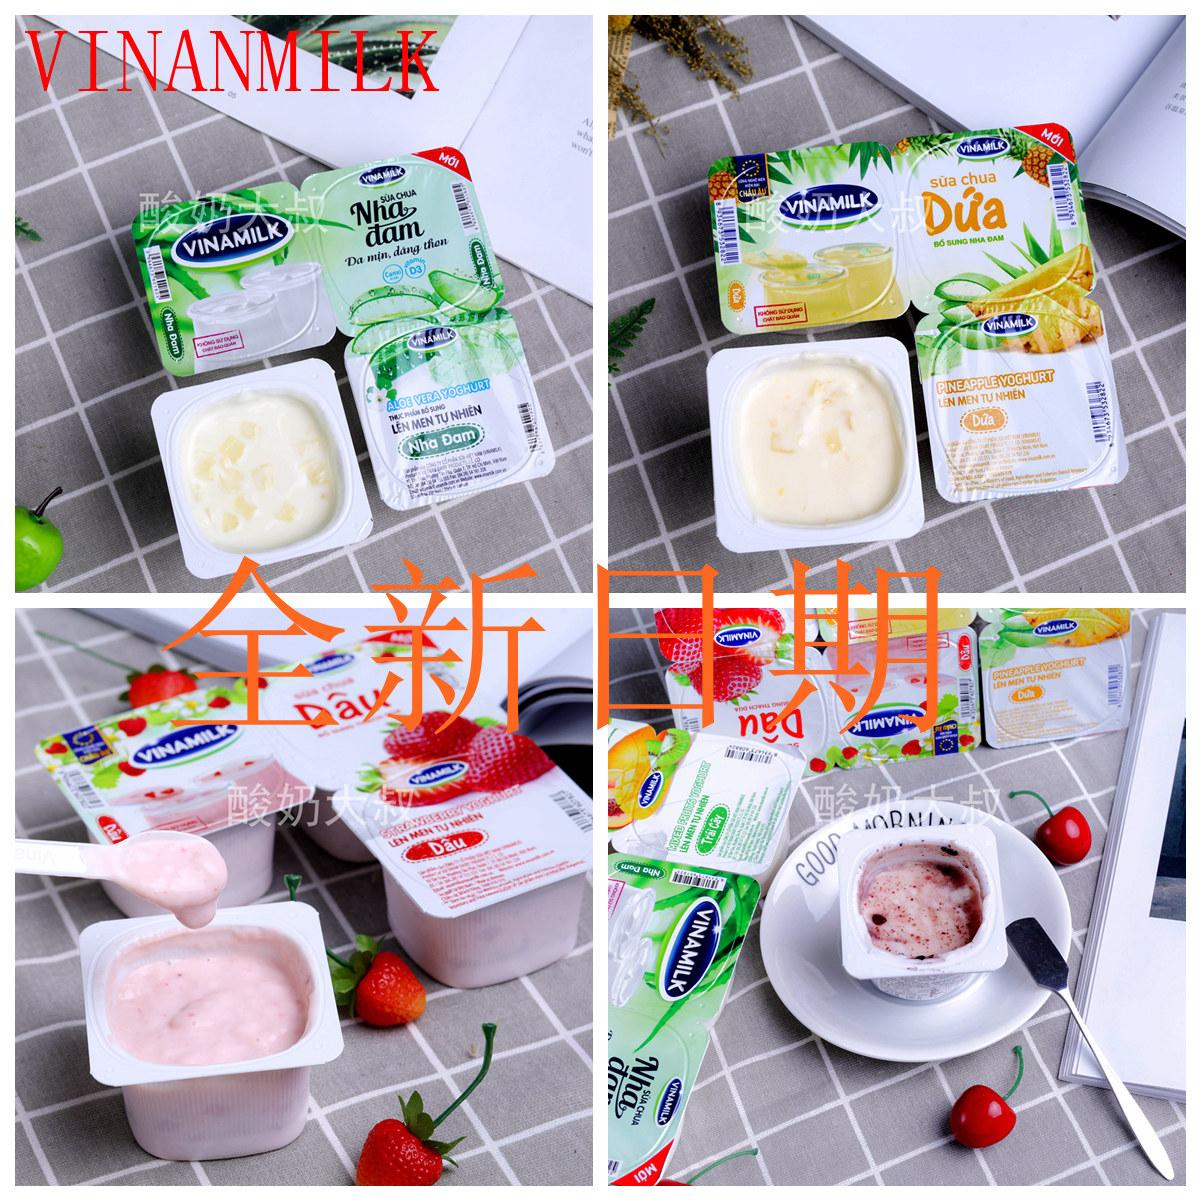 全新日期越南进口酸奶VINAMILK杯装百香果奶水果酸奶欧盟免检产品热销21件限时抢购